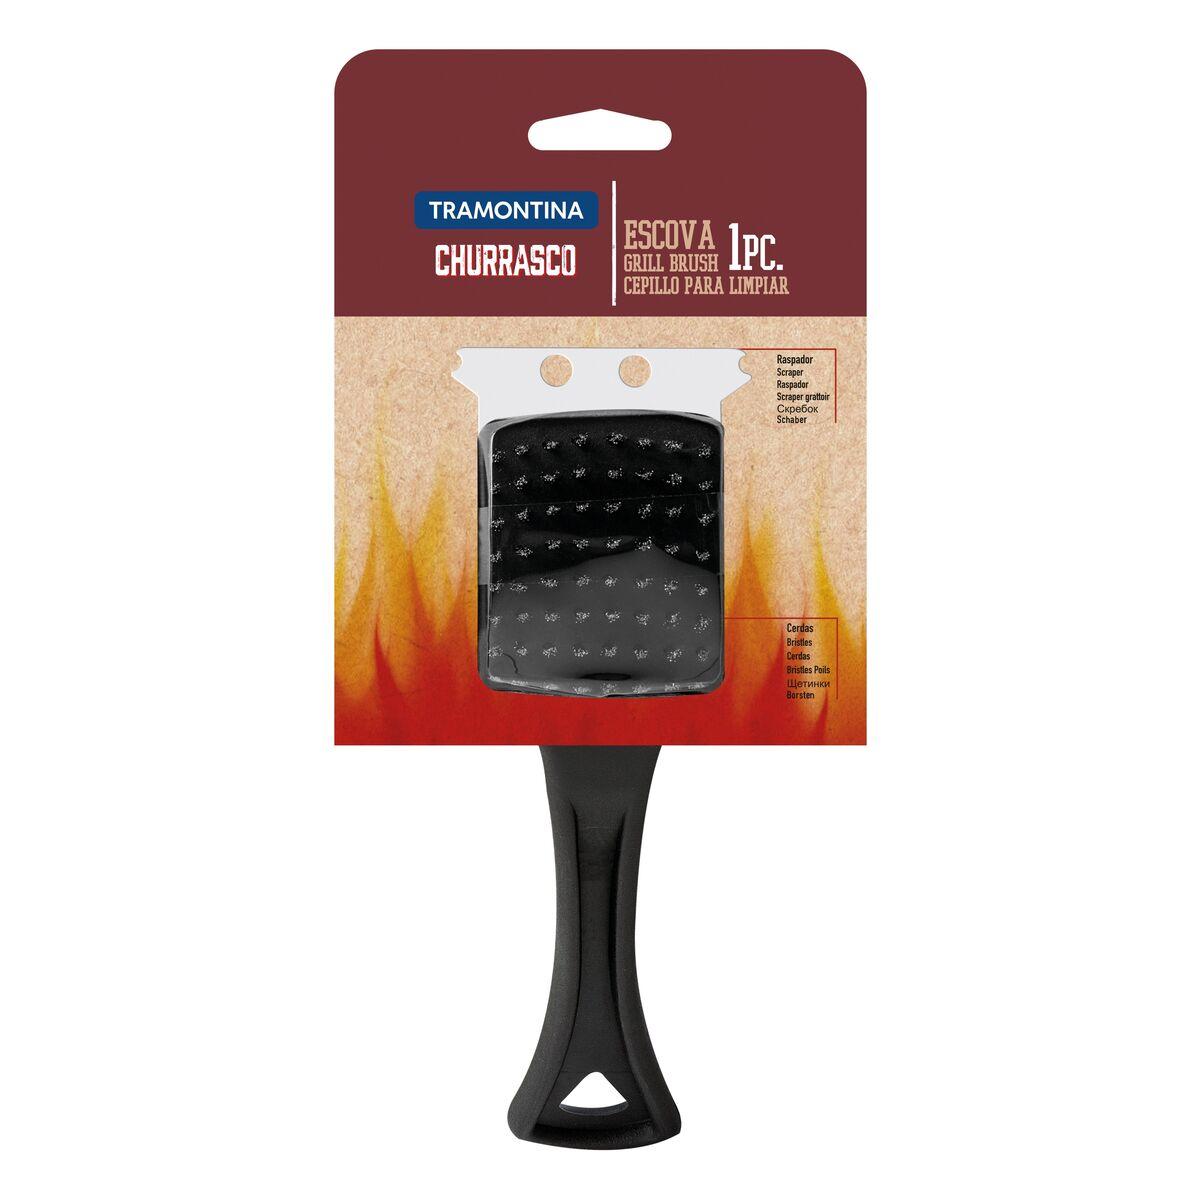 Escova Raspador Tramontina Churrasco com Cerdas para Limpar Grill 21,6cm